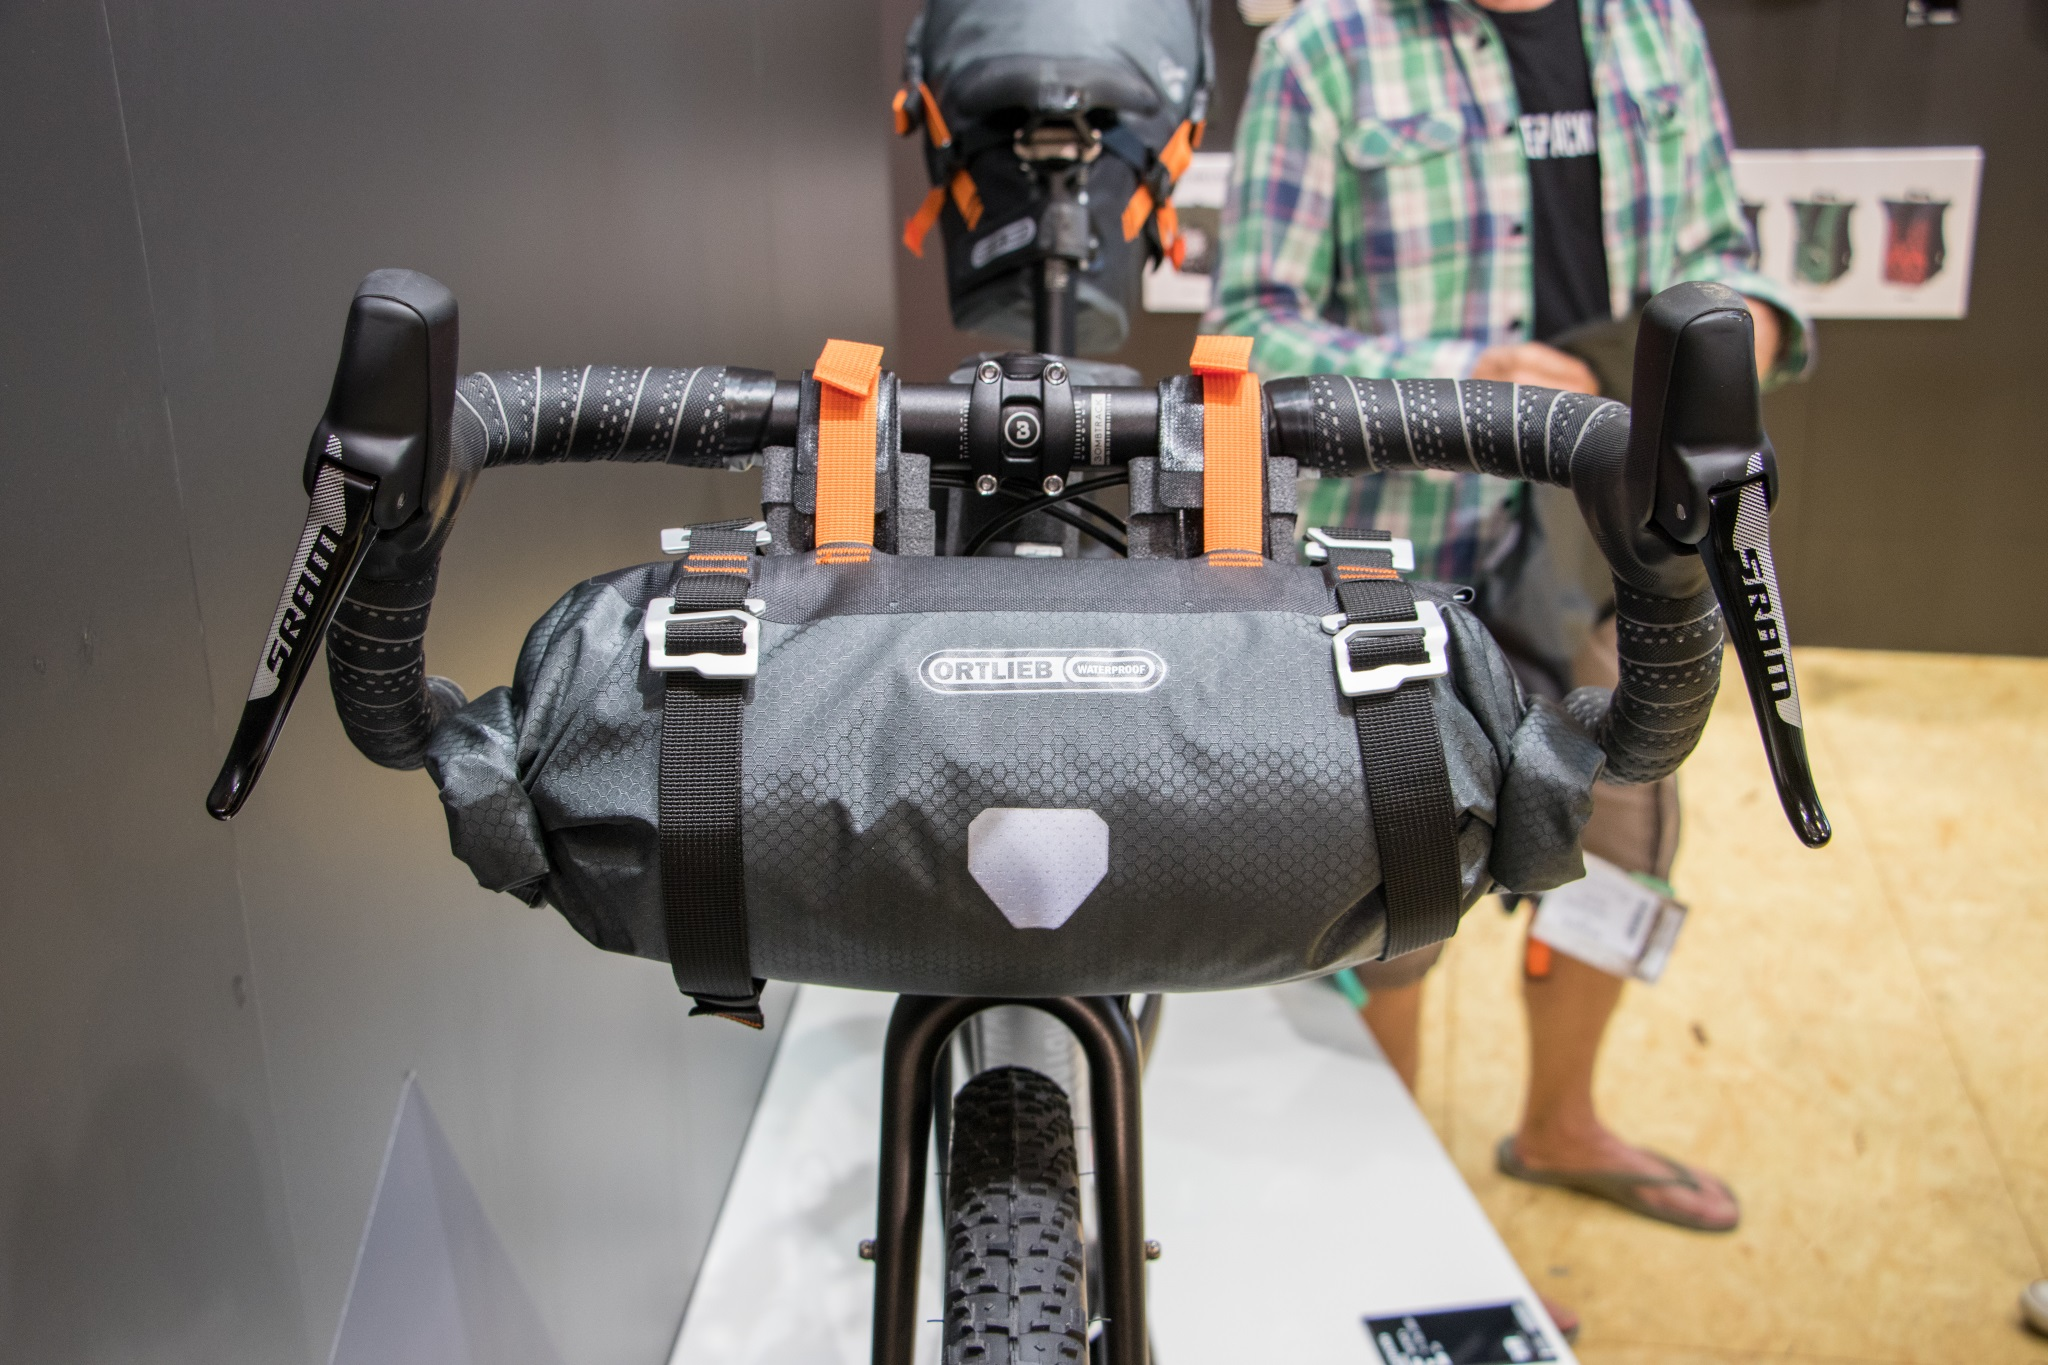 ortlieb_eurobike_bikepacking006